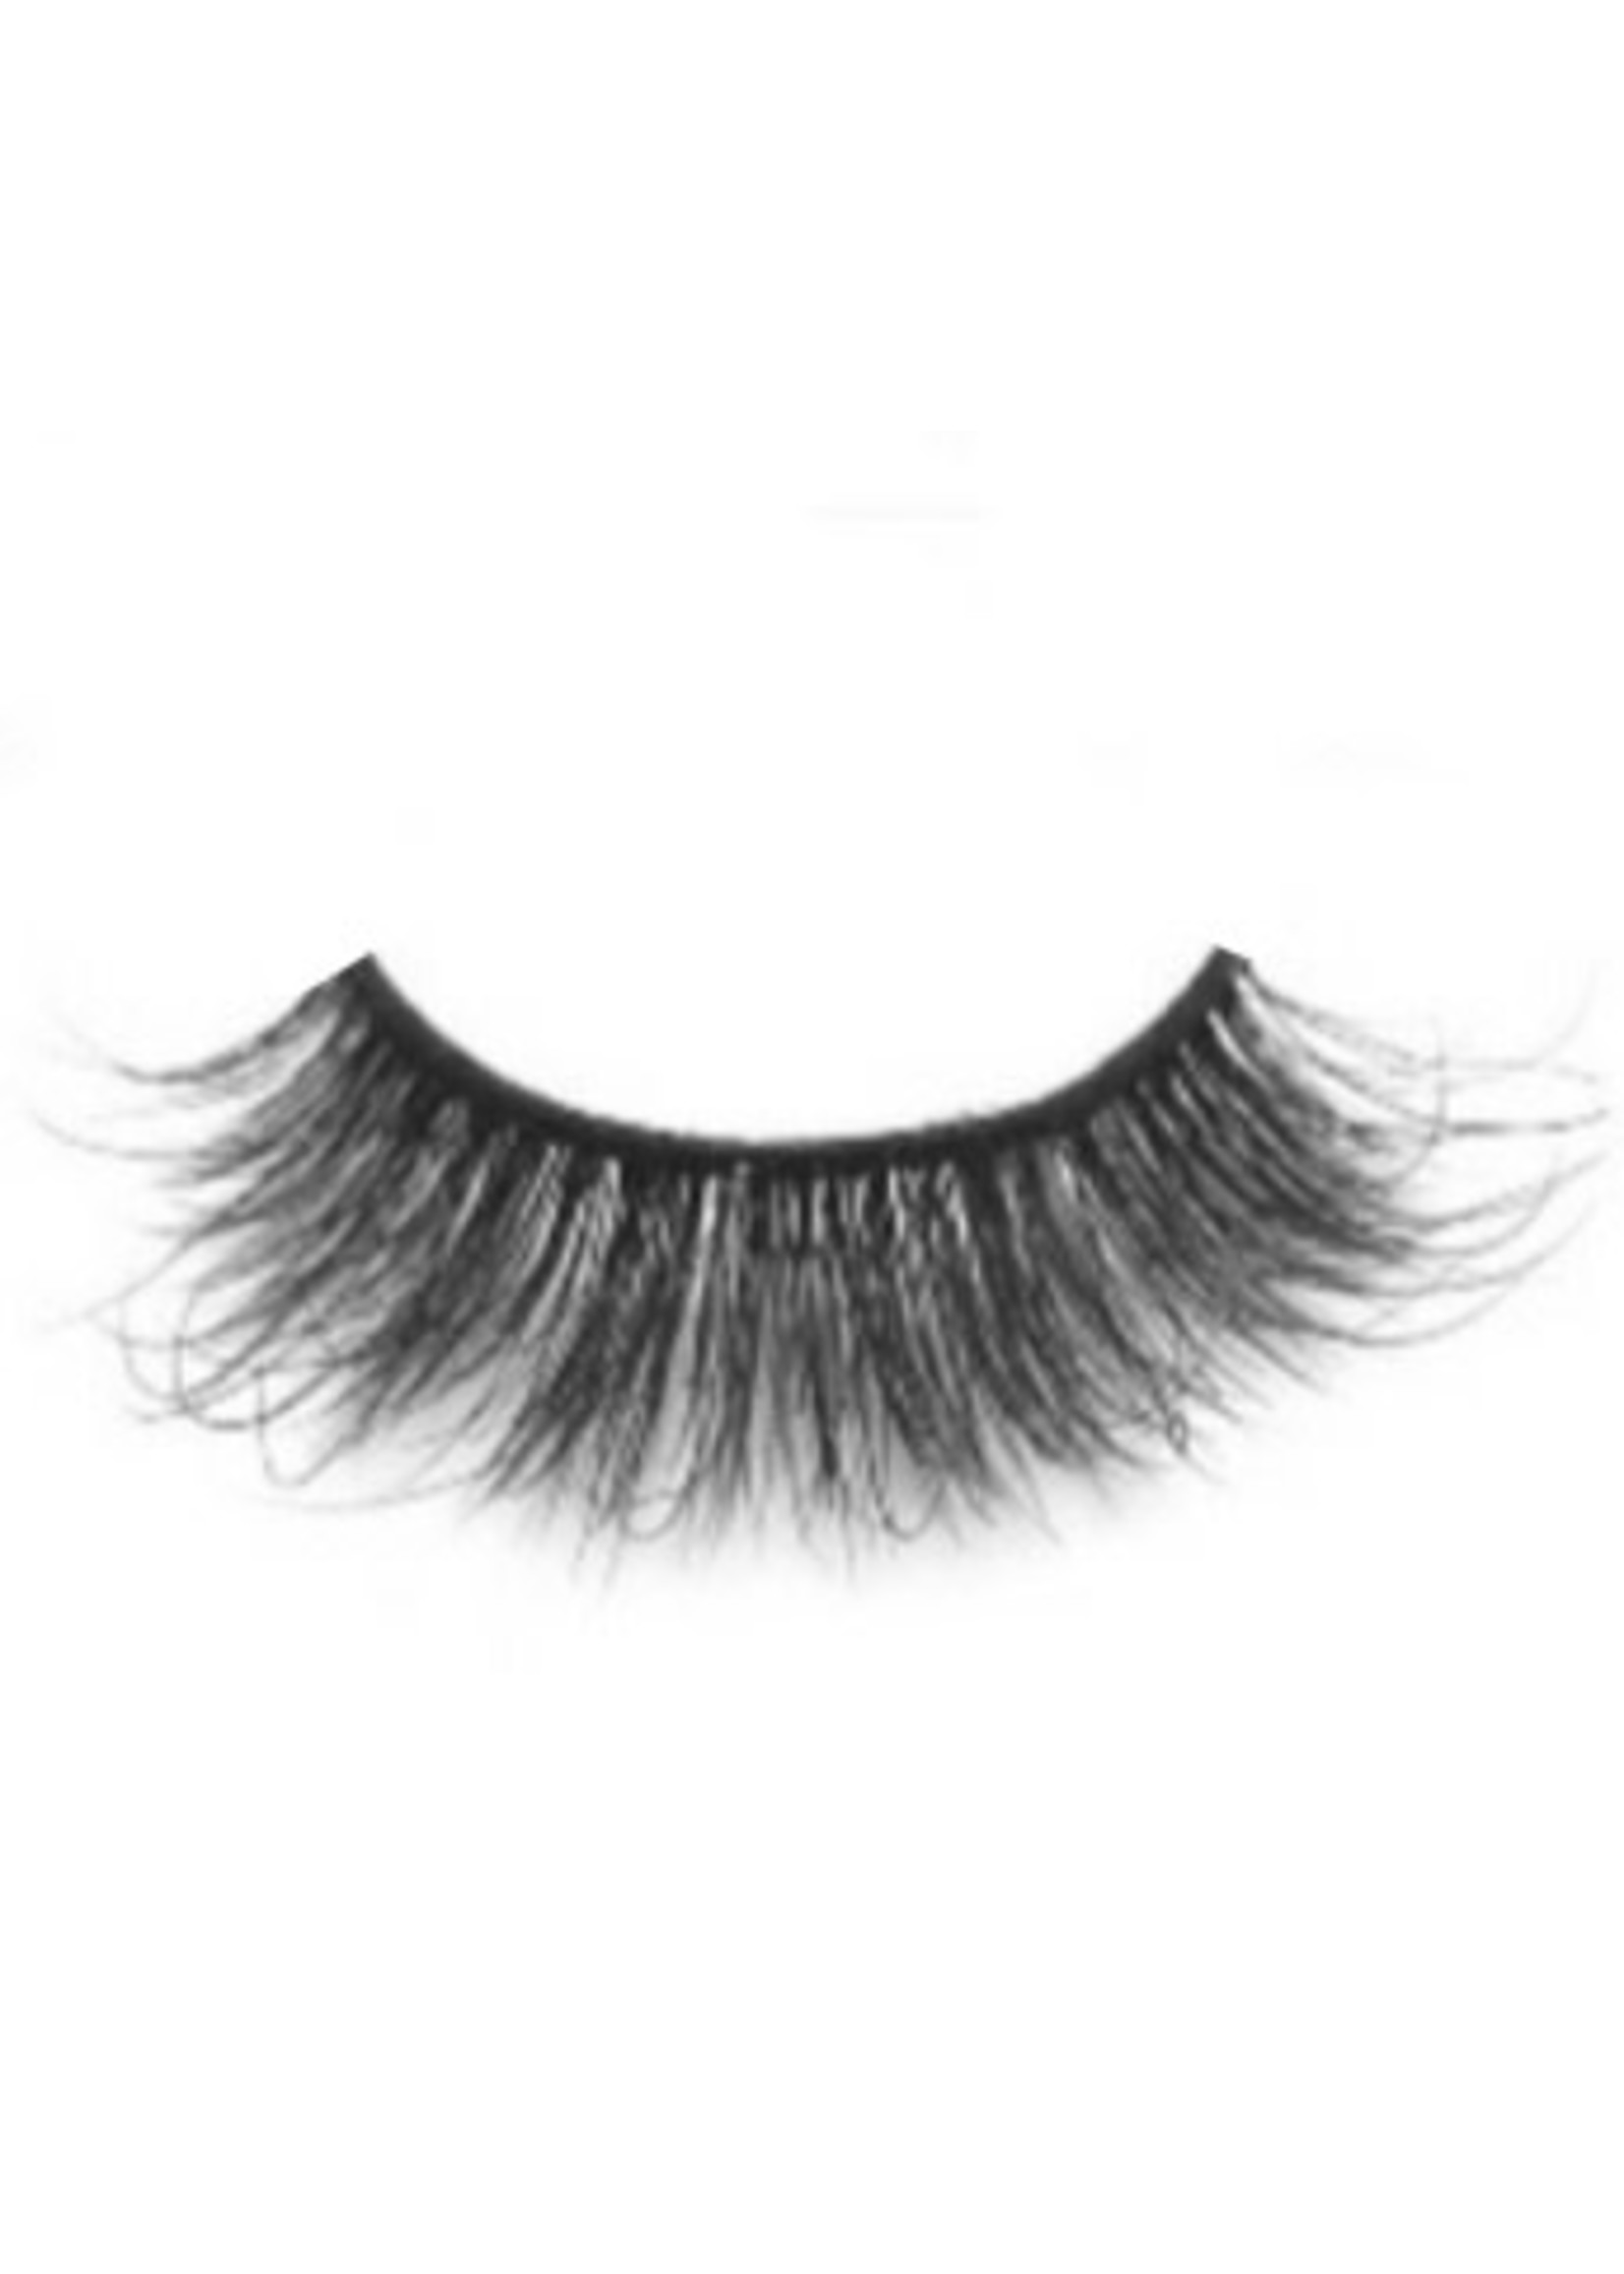 Mink Magnetic Eyelashes Sweet 513s